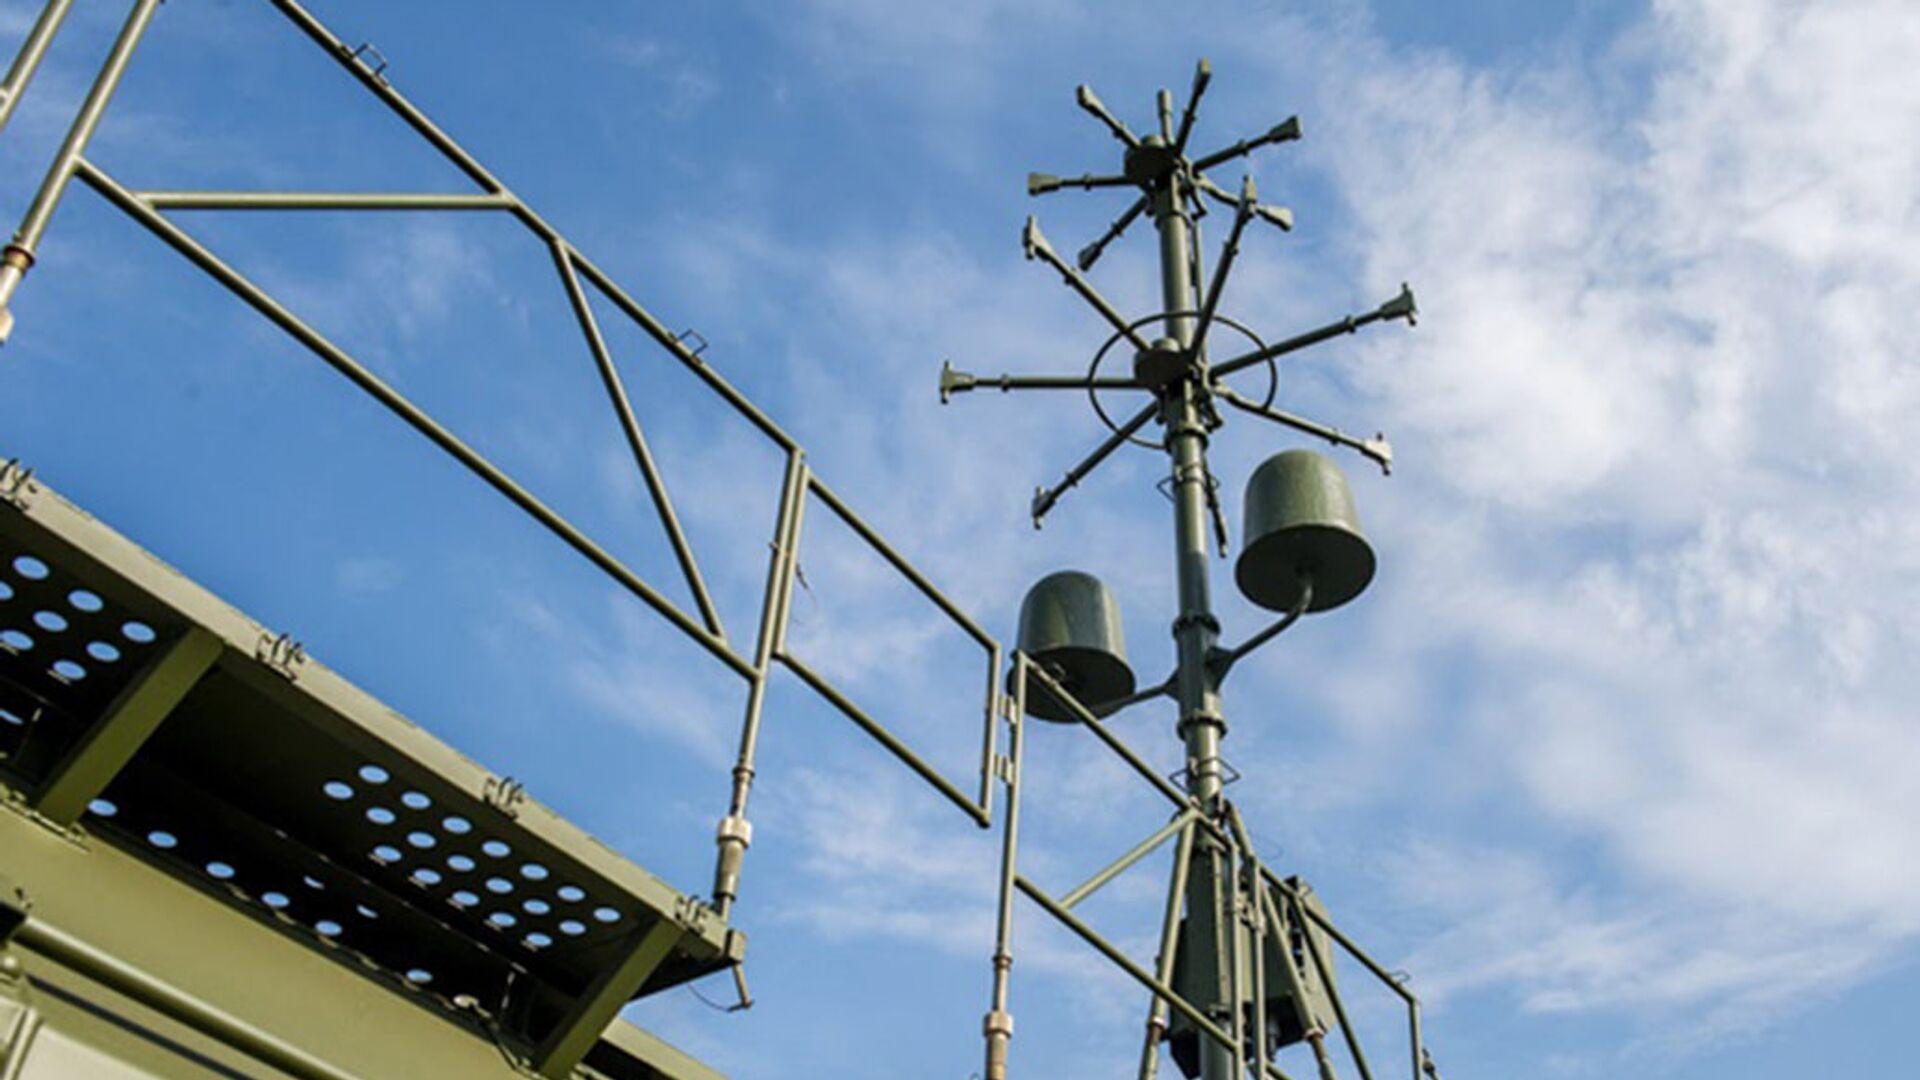 Автоматизированный звукотепловой комплекс артиллерийской разведки Пенициллин - РИА Новости, 1920, 22.01.2021